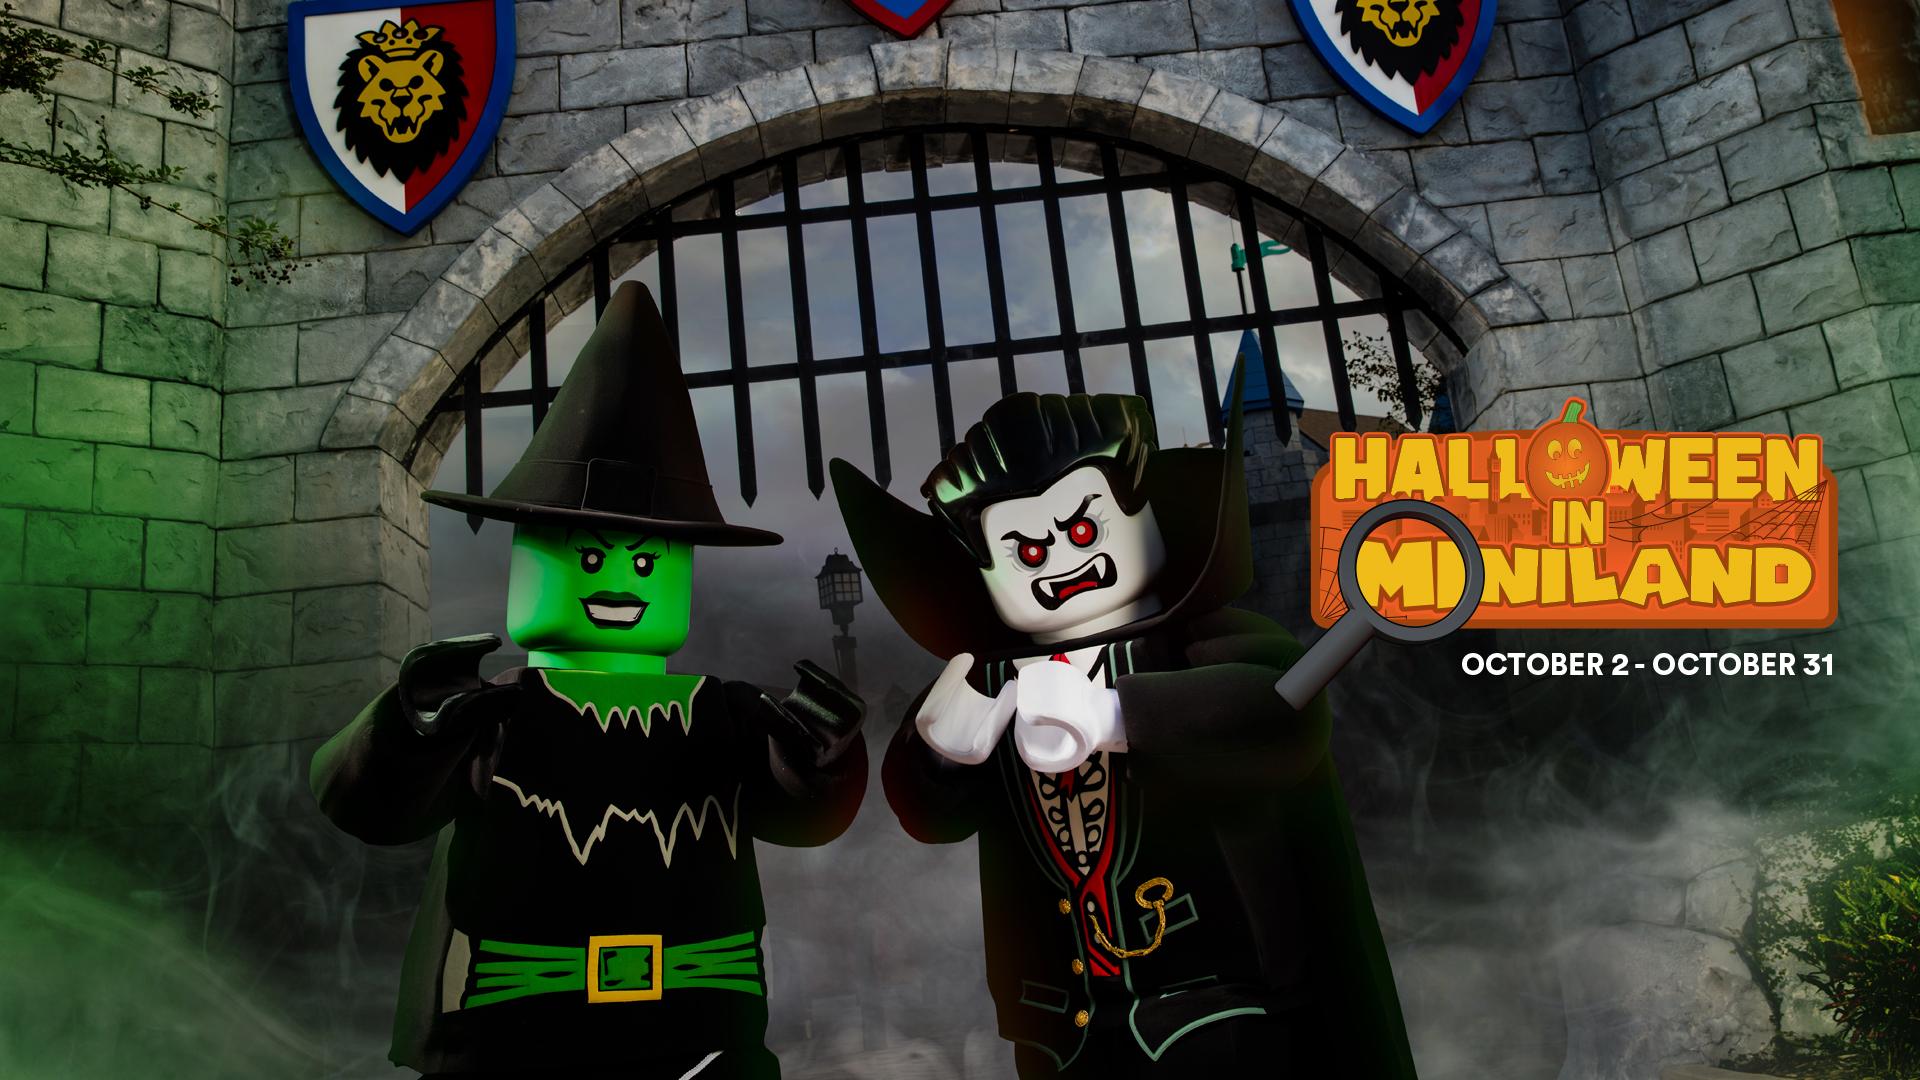 Legoland Florida Halloween 2020 Halloween in Miniland | LEGOLAND California Resort